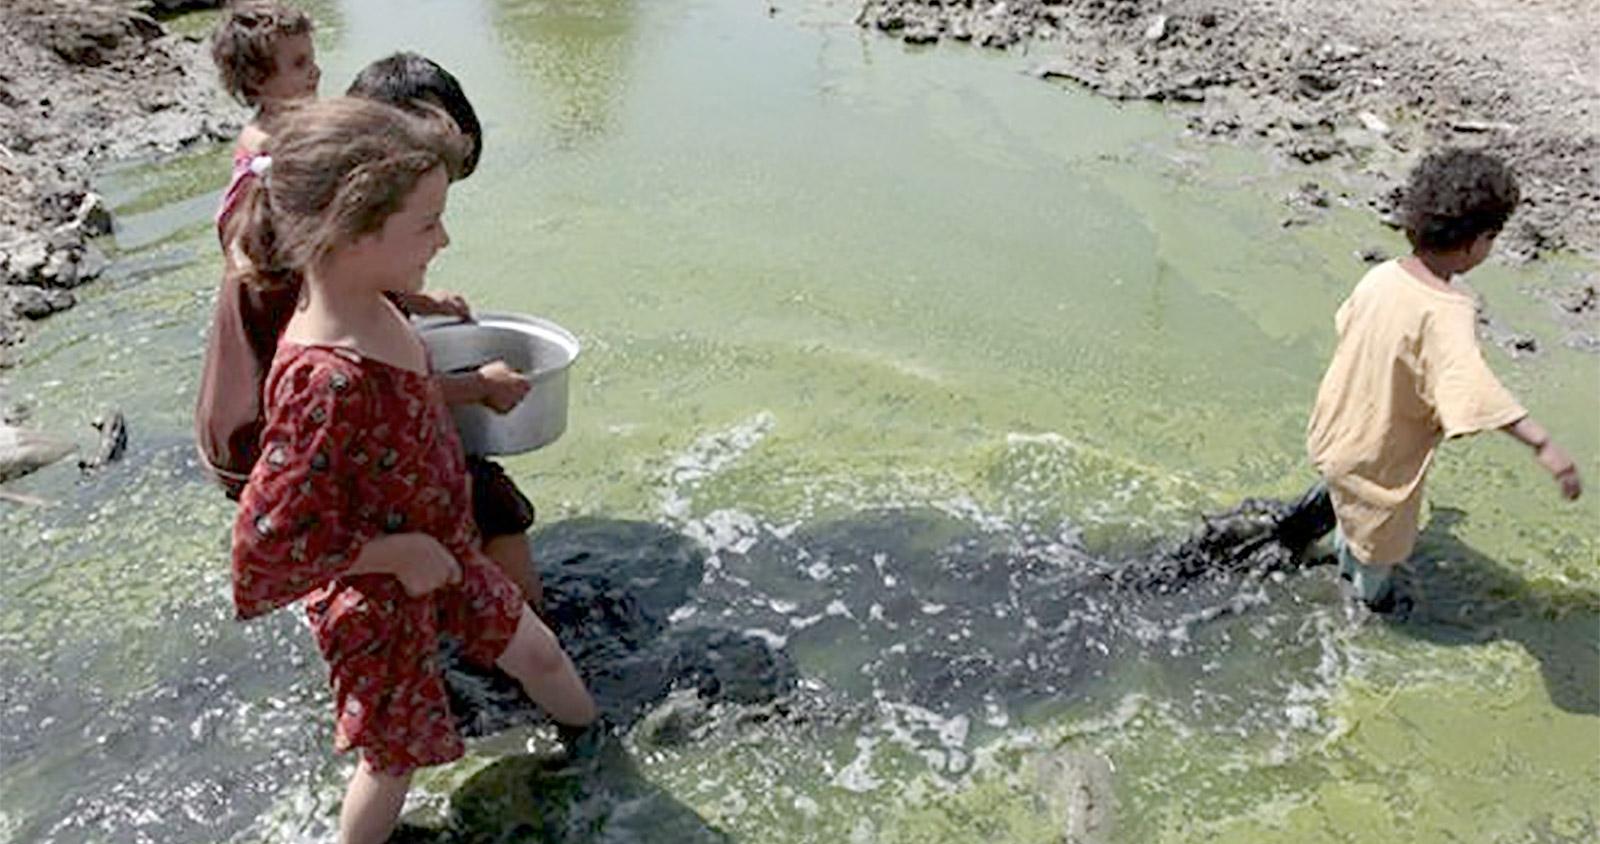 الكوليرا إنتقلت من العراق إلى الكويت وسورية والبحرين محذرة من تحول الكوليرا في العراق إلى وباء إقليمي